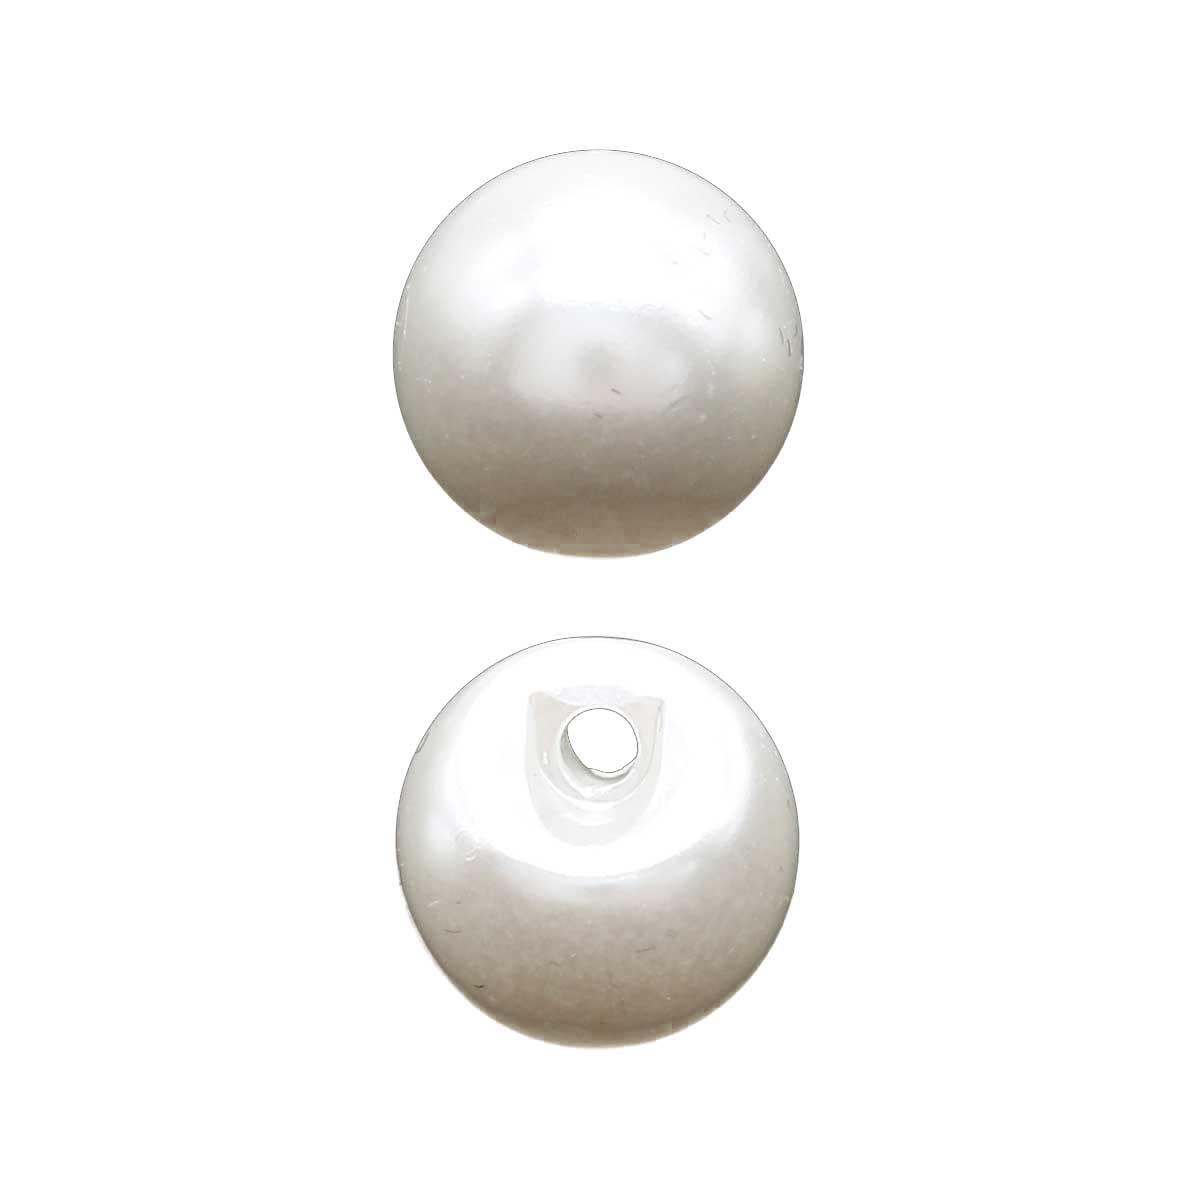 0317-0000 Пуговица-жемчужина 14L